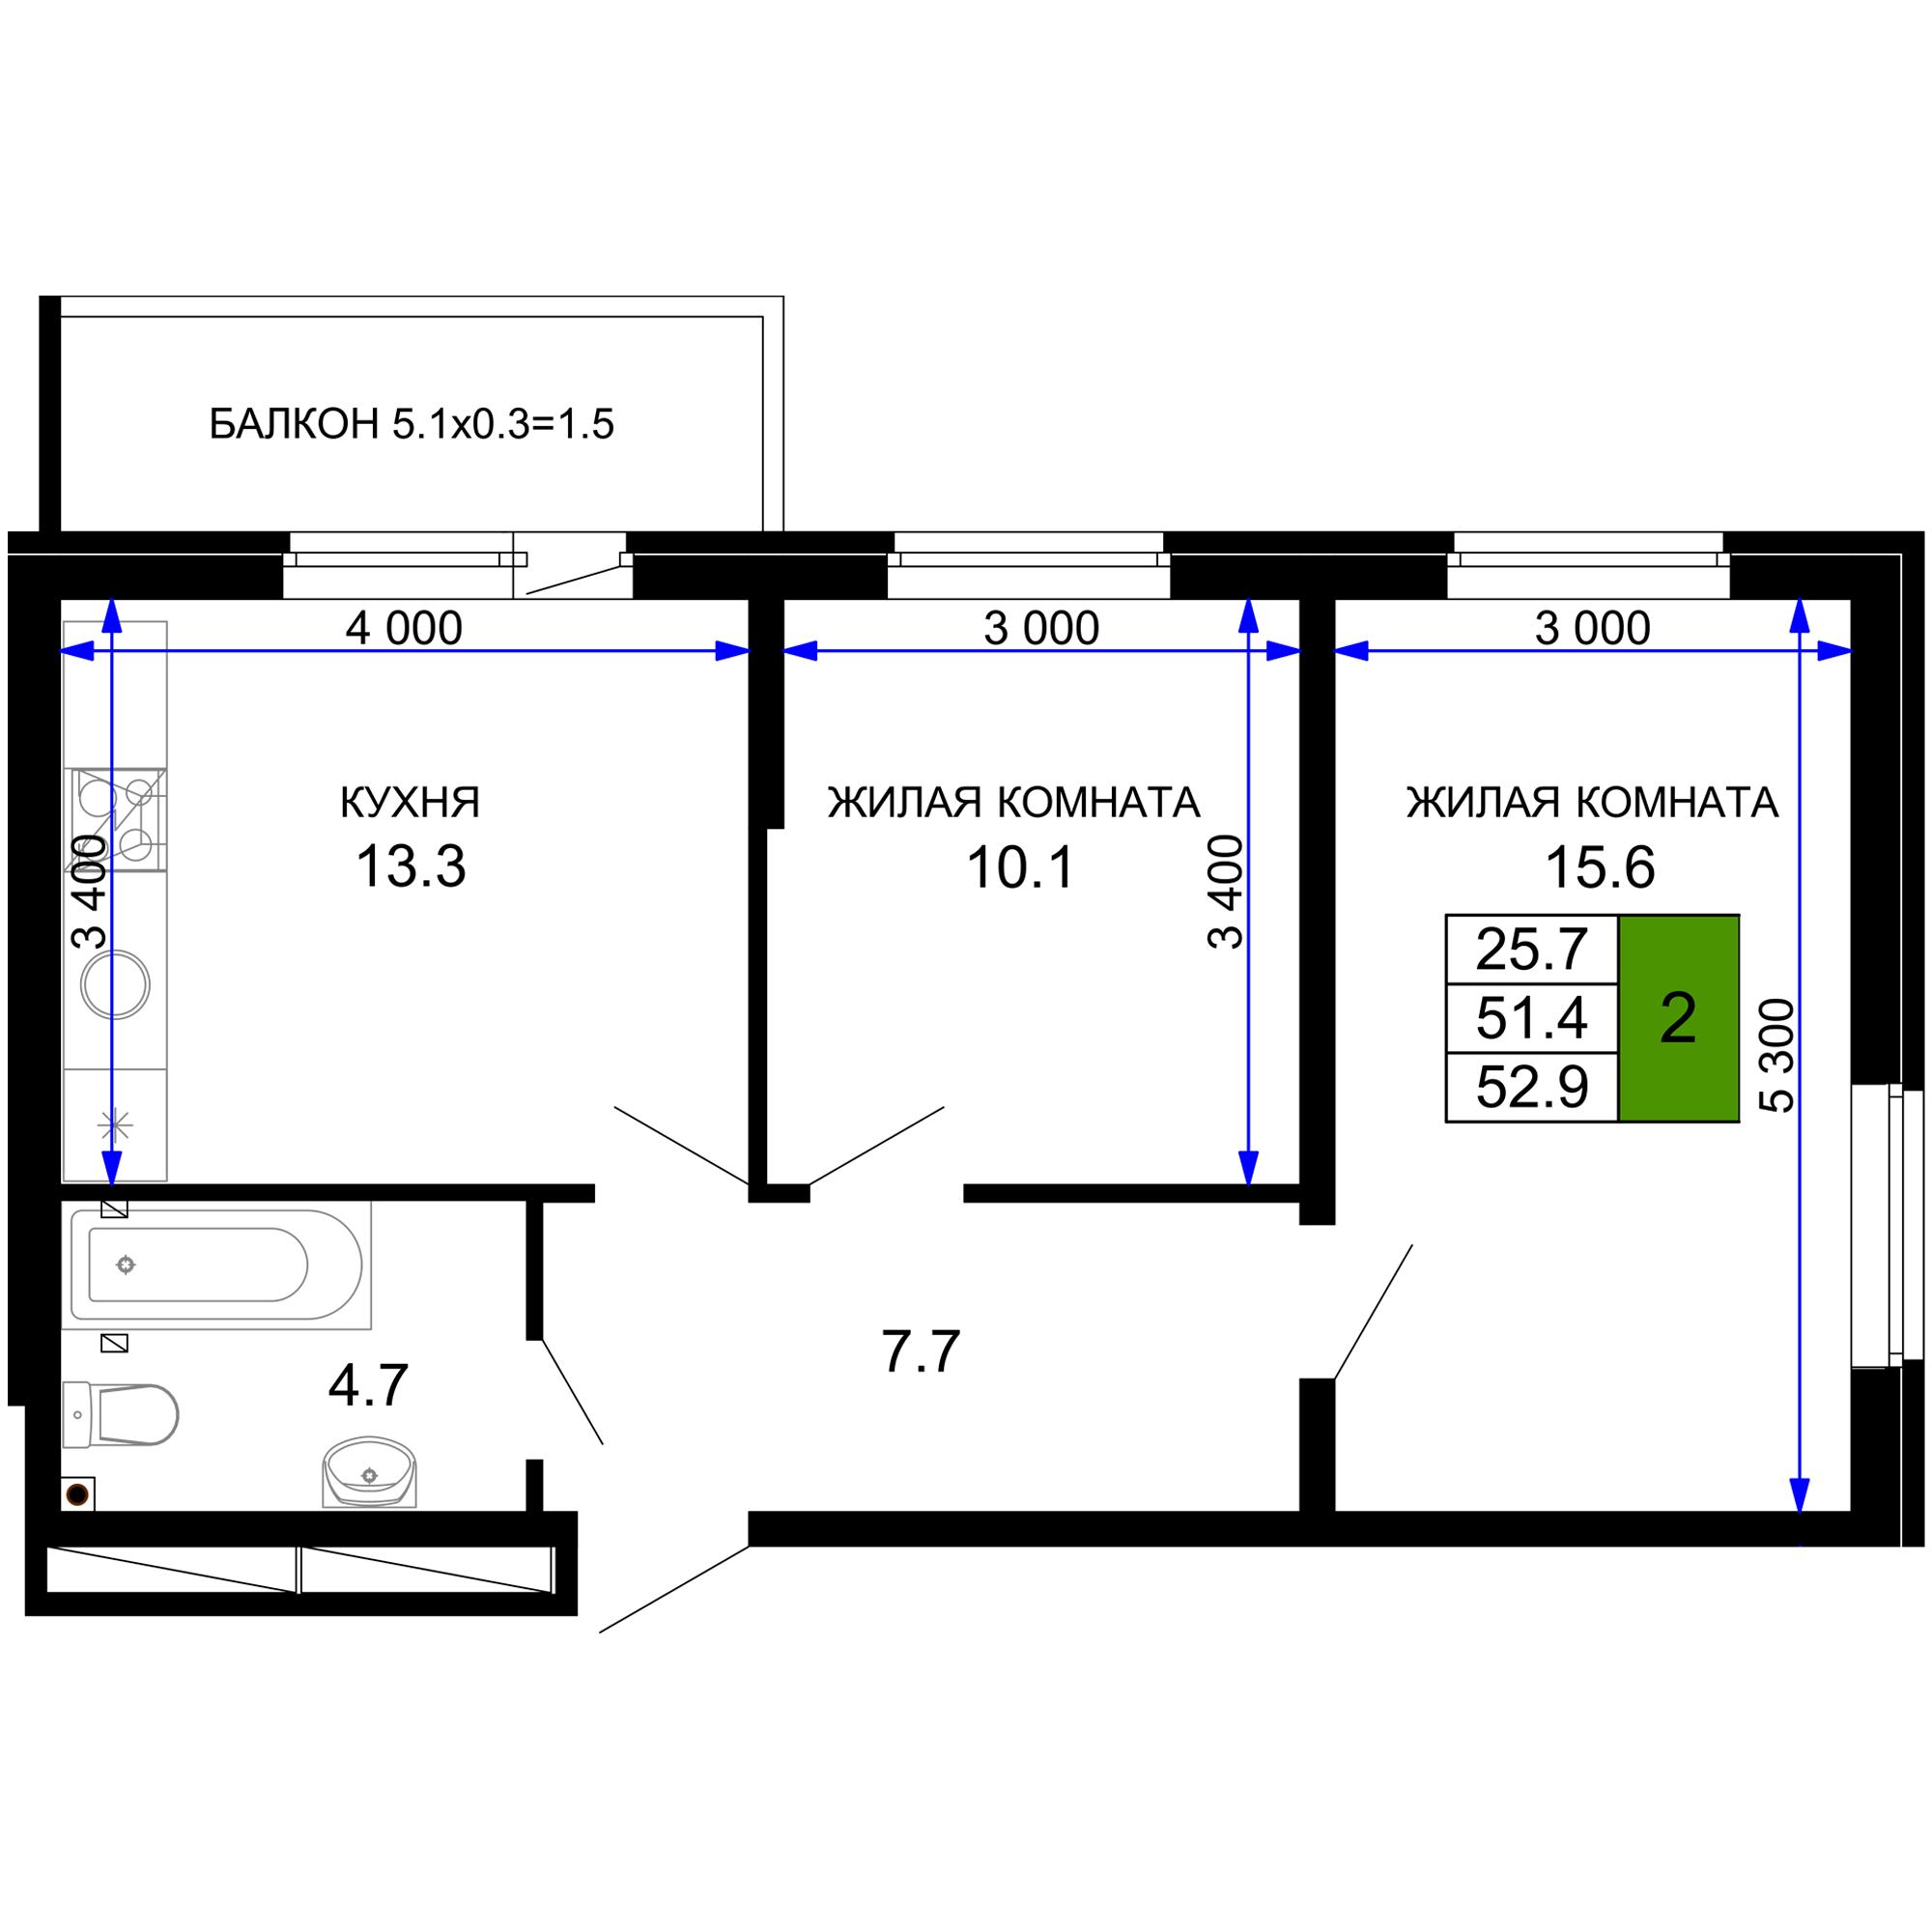 Двухкомнатная квартира в ЖК Дыхание 52.9 м2